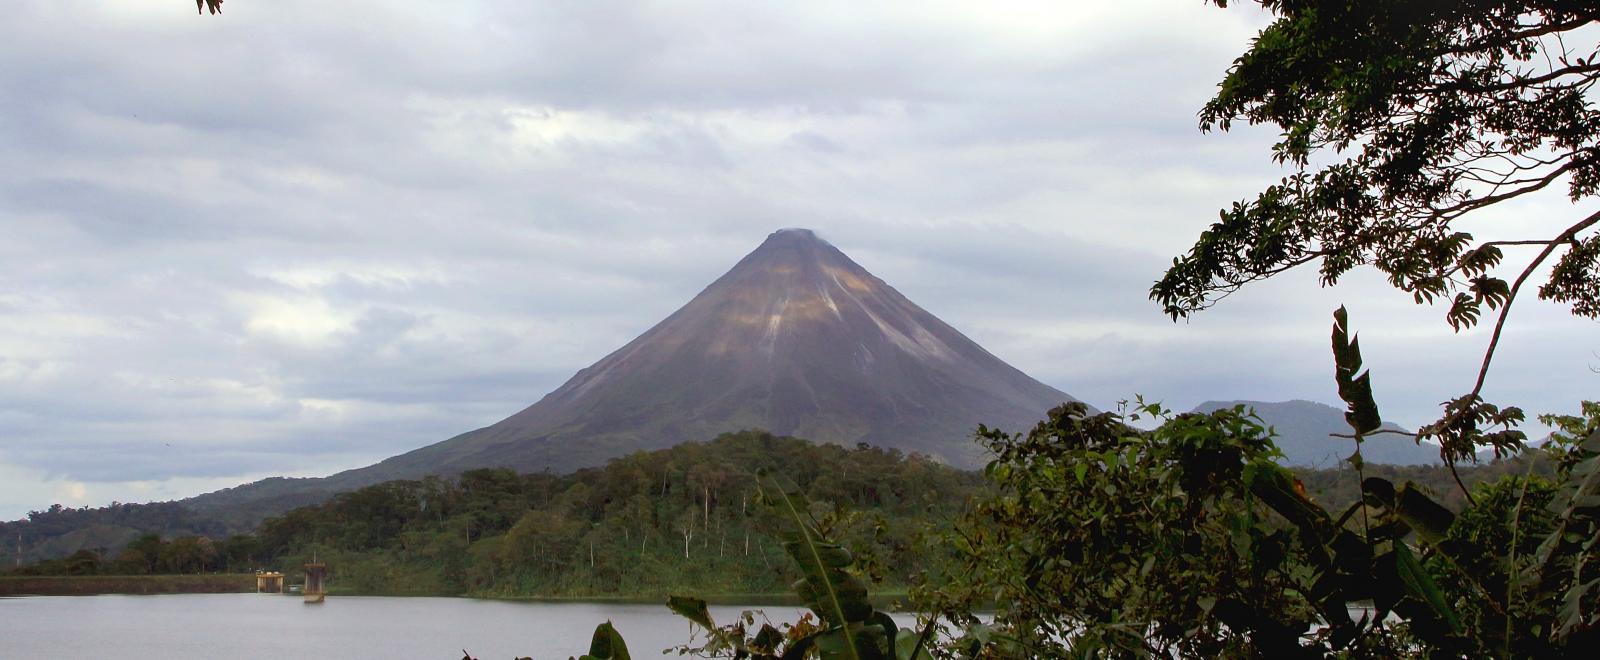 Volcán Arenal en Costa Rica visto desde uno de nuestros voluntariados en Centroamérica.